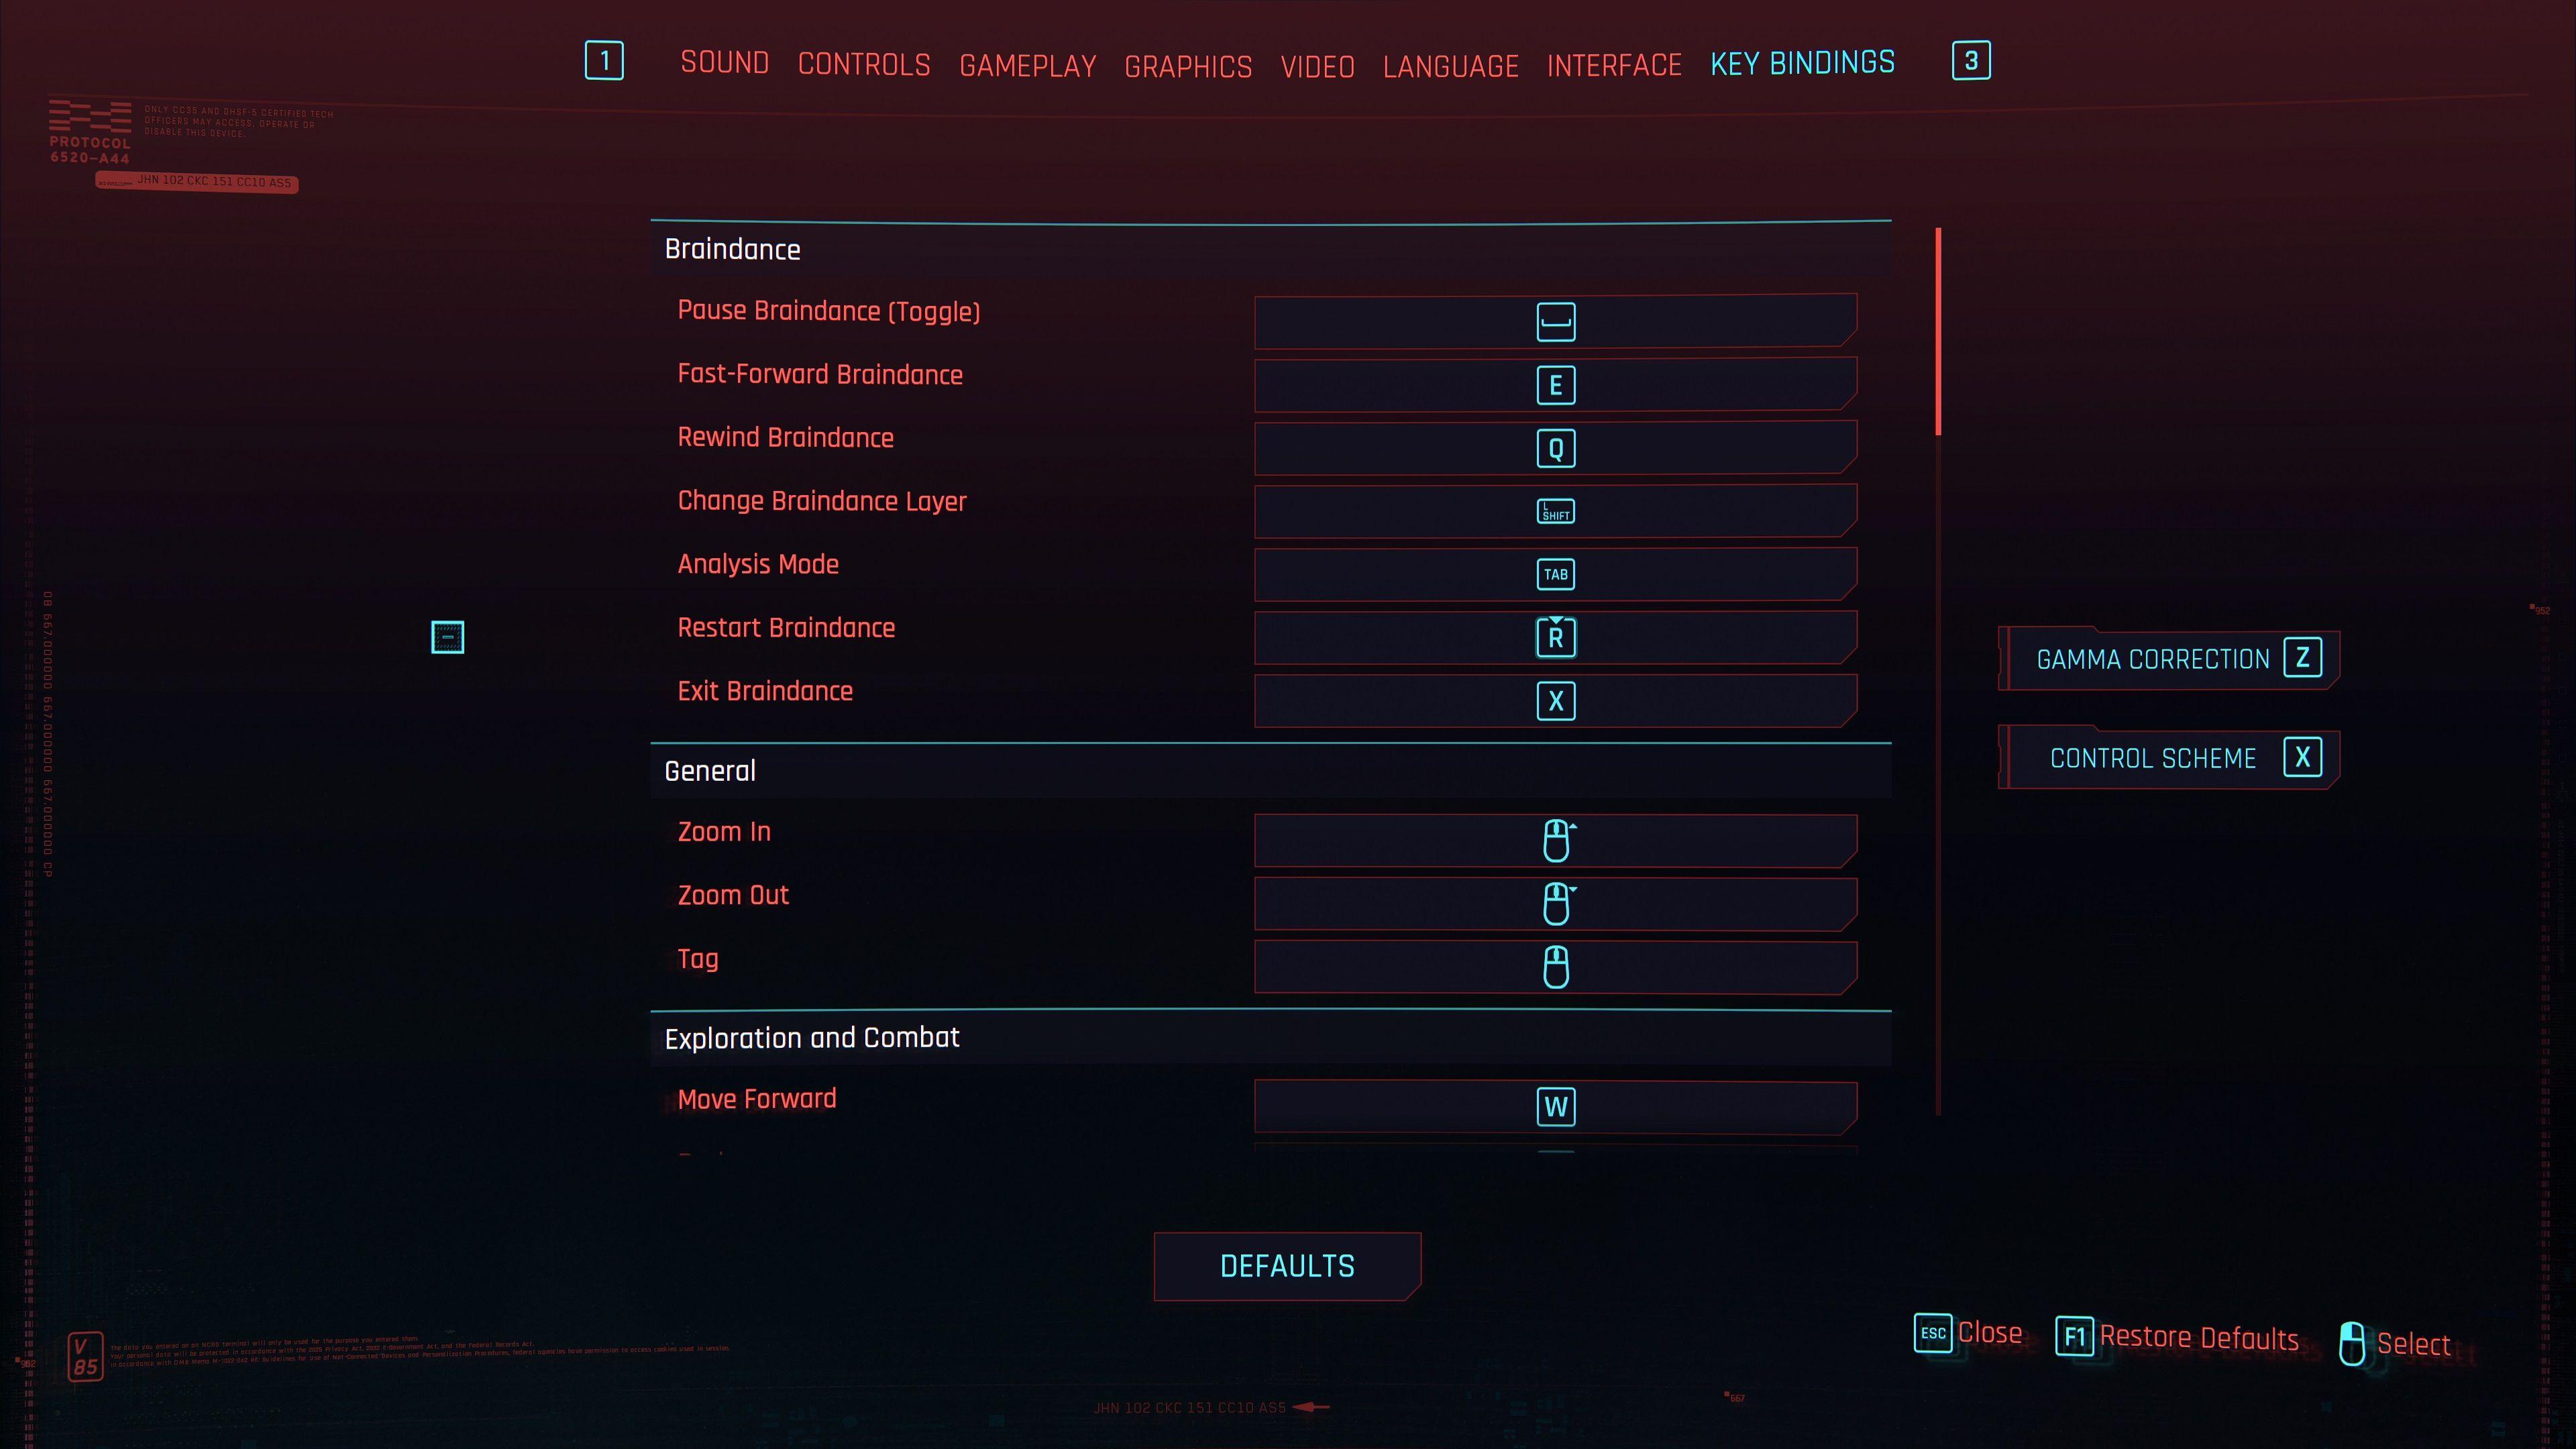 cyberpunk 2077 key binds